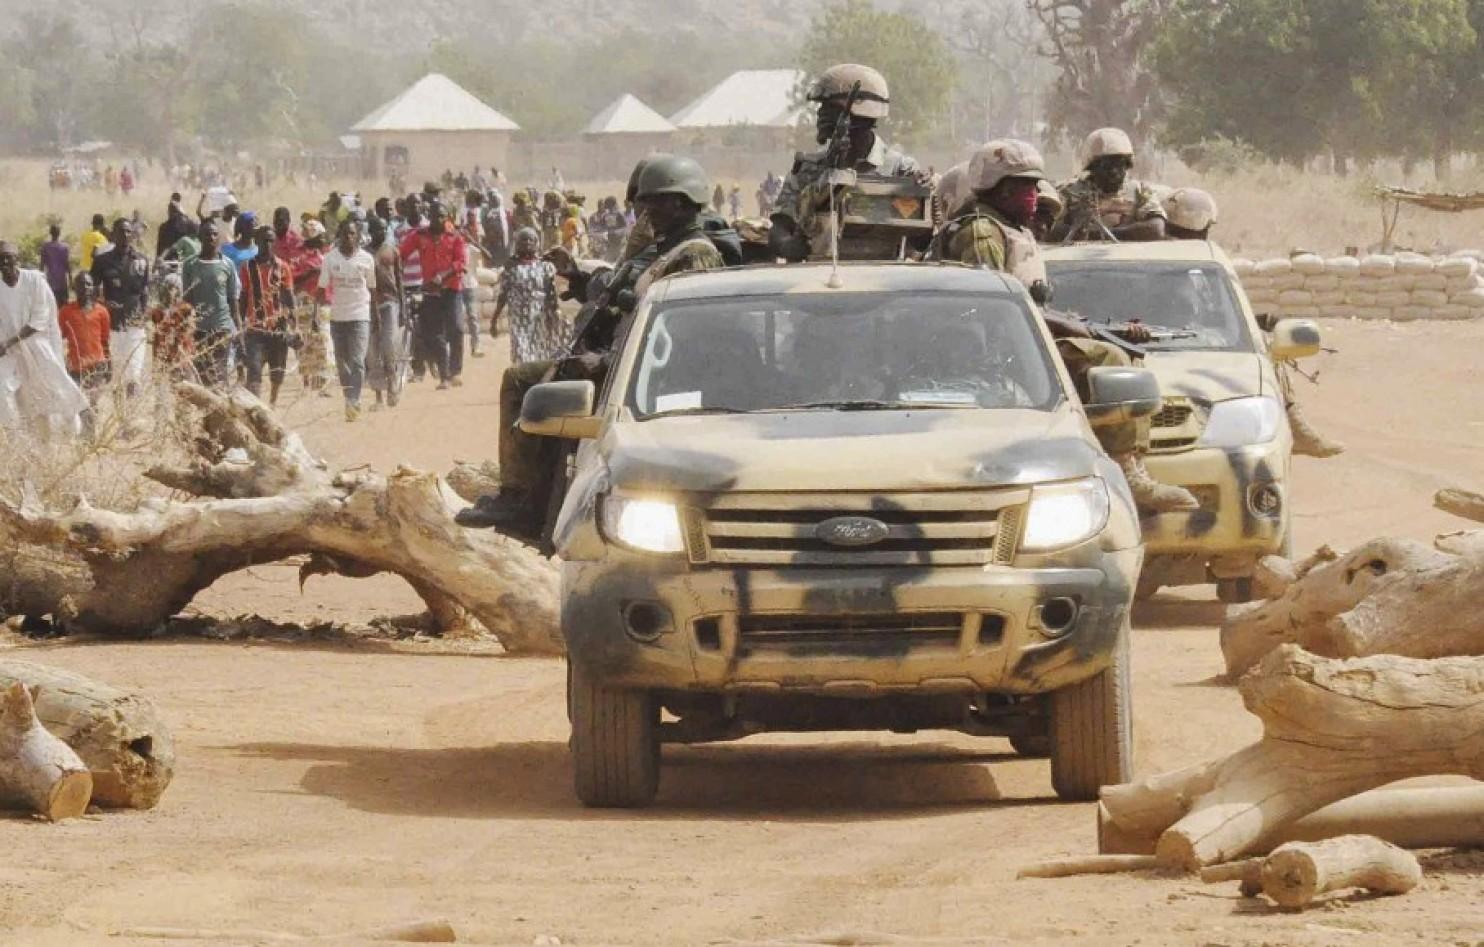 Nigerian Soldiers in Chibok